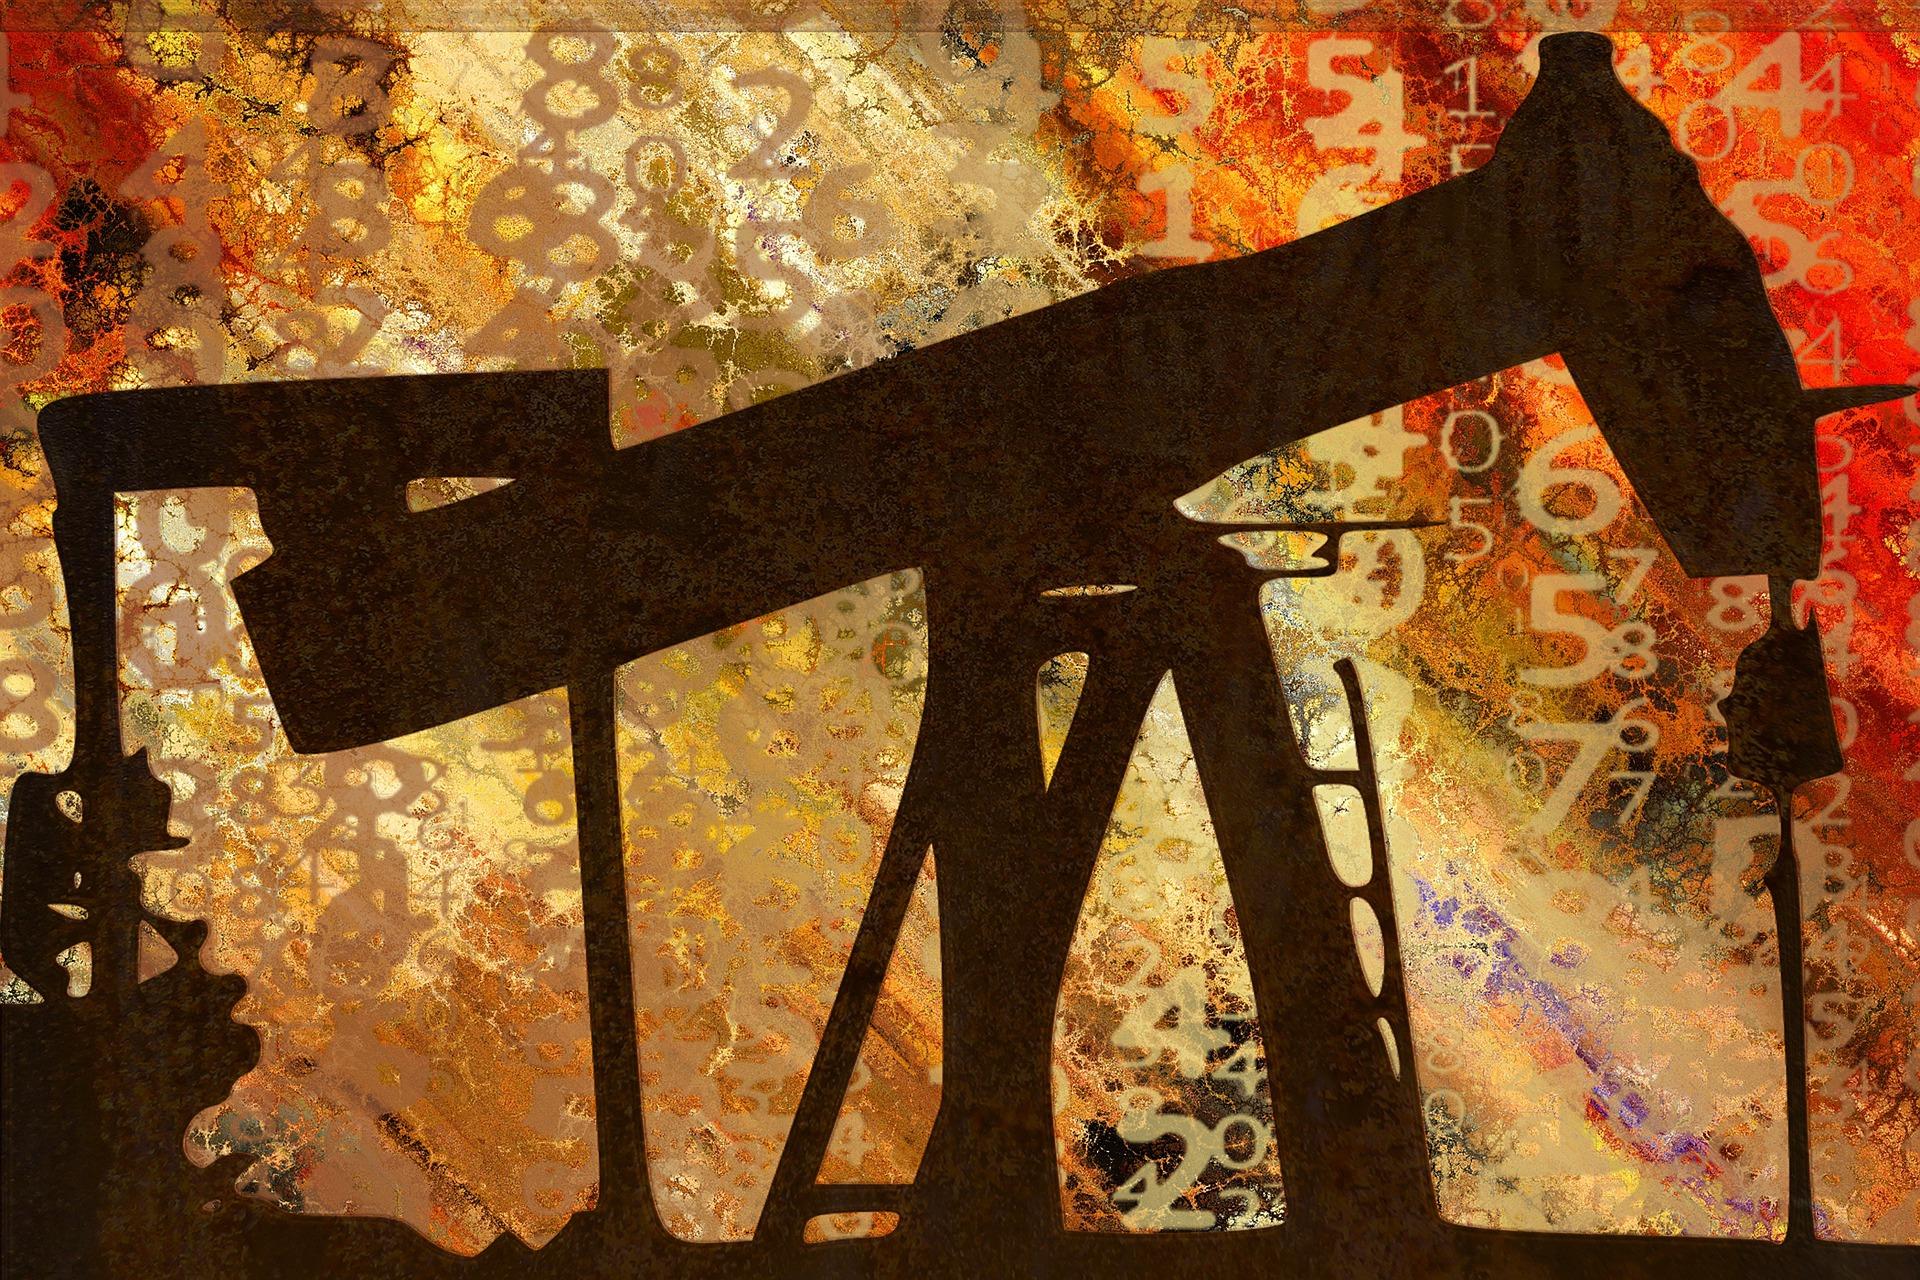 Встреча министров стран ОПЕК+ о продлении текущей сделки перенесена на 3 декабря